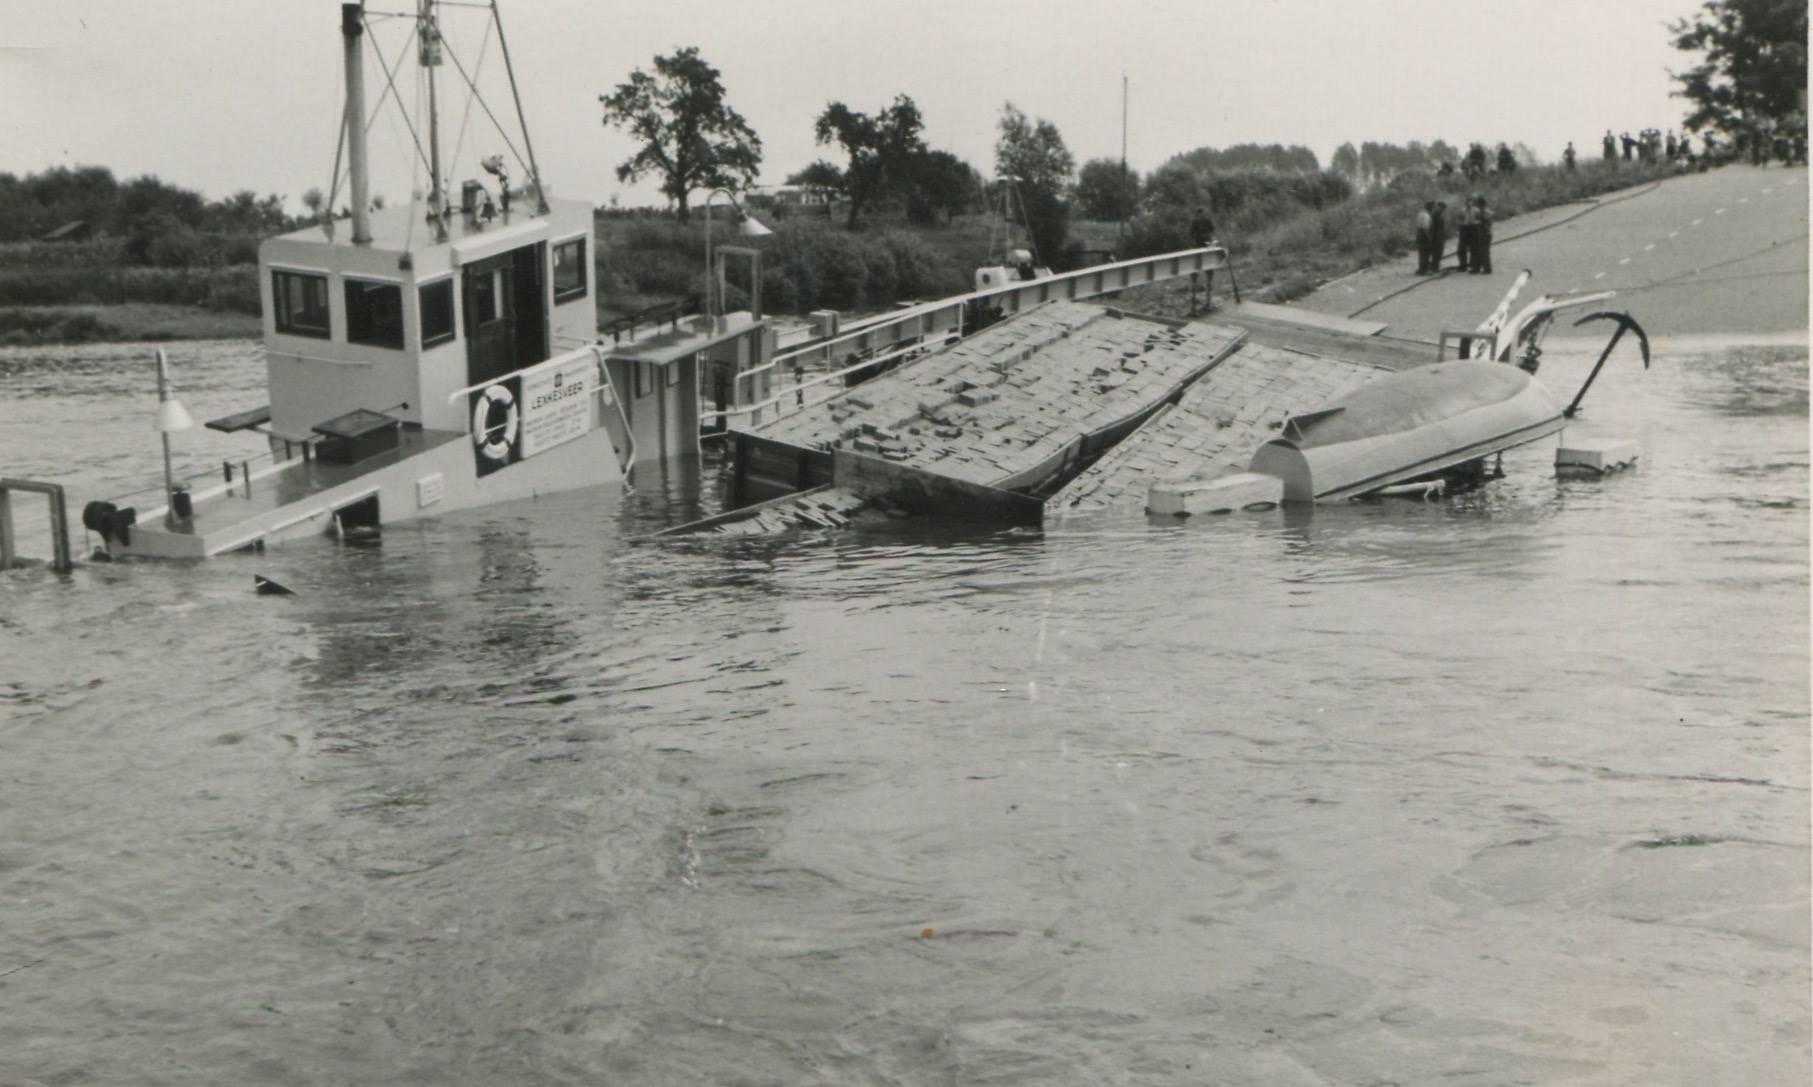 Schade--1957-foto-gemaakt-door-Jac-Rauws-ingezonden-door-Willem-Ruisch-Veerpont-Lexkesveer-Eageningen-Randwijk-1hade-